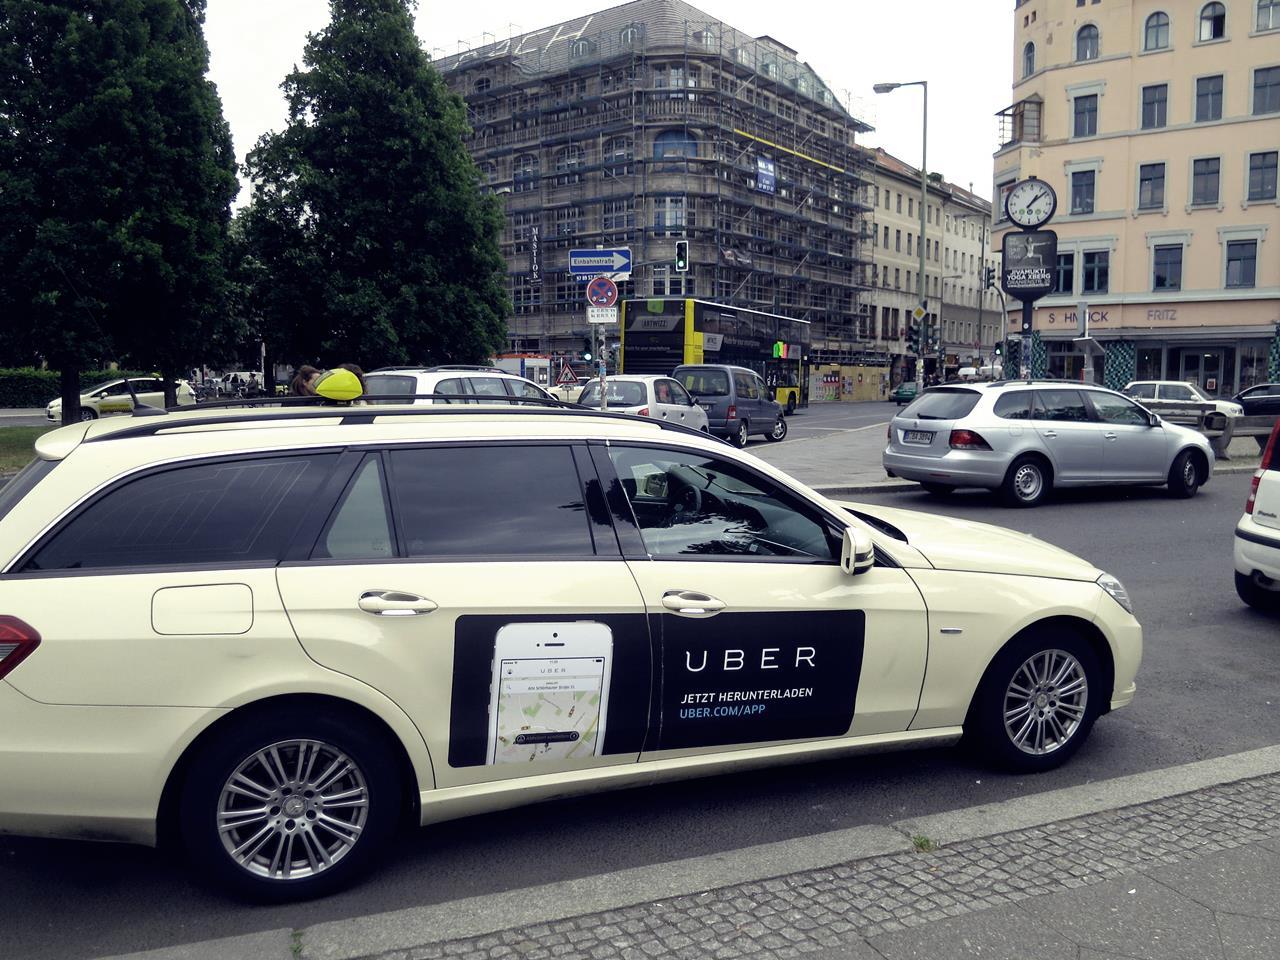 Reclama pentru Uber lipită pe un taxi